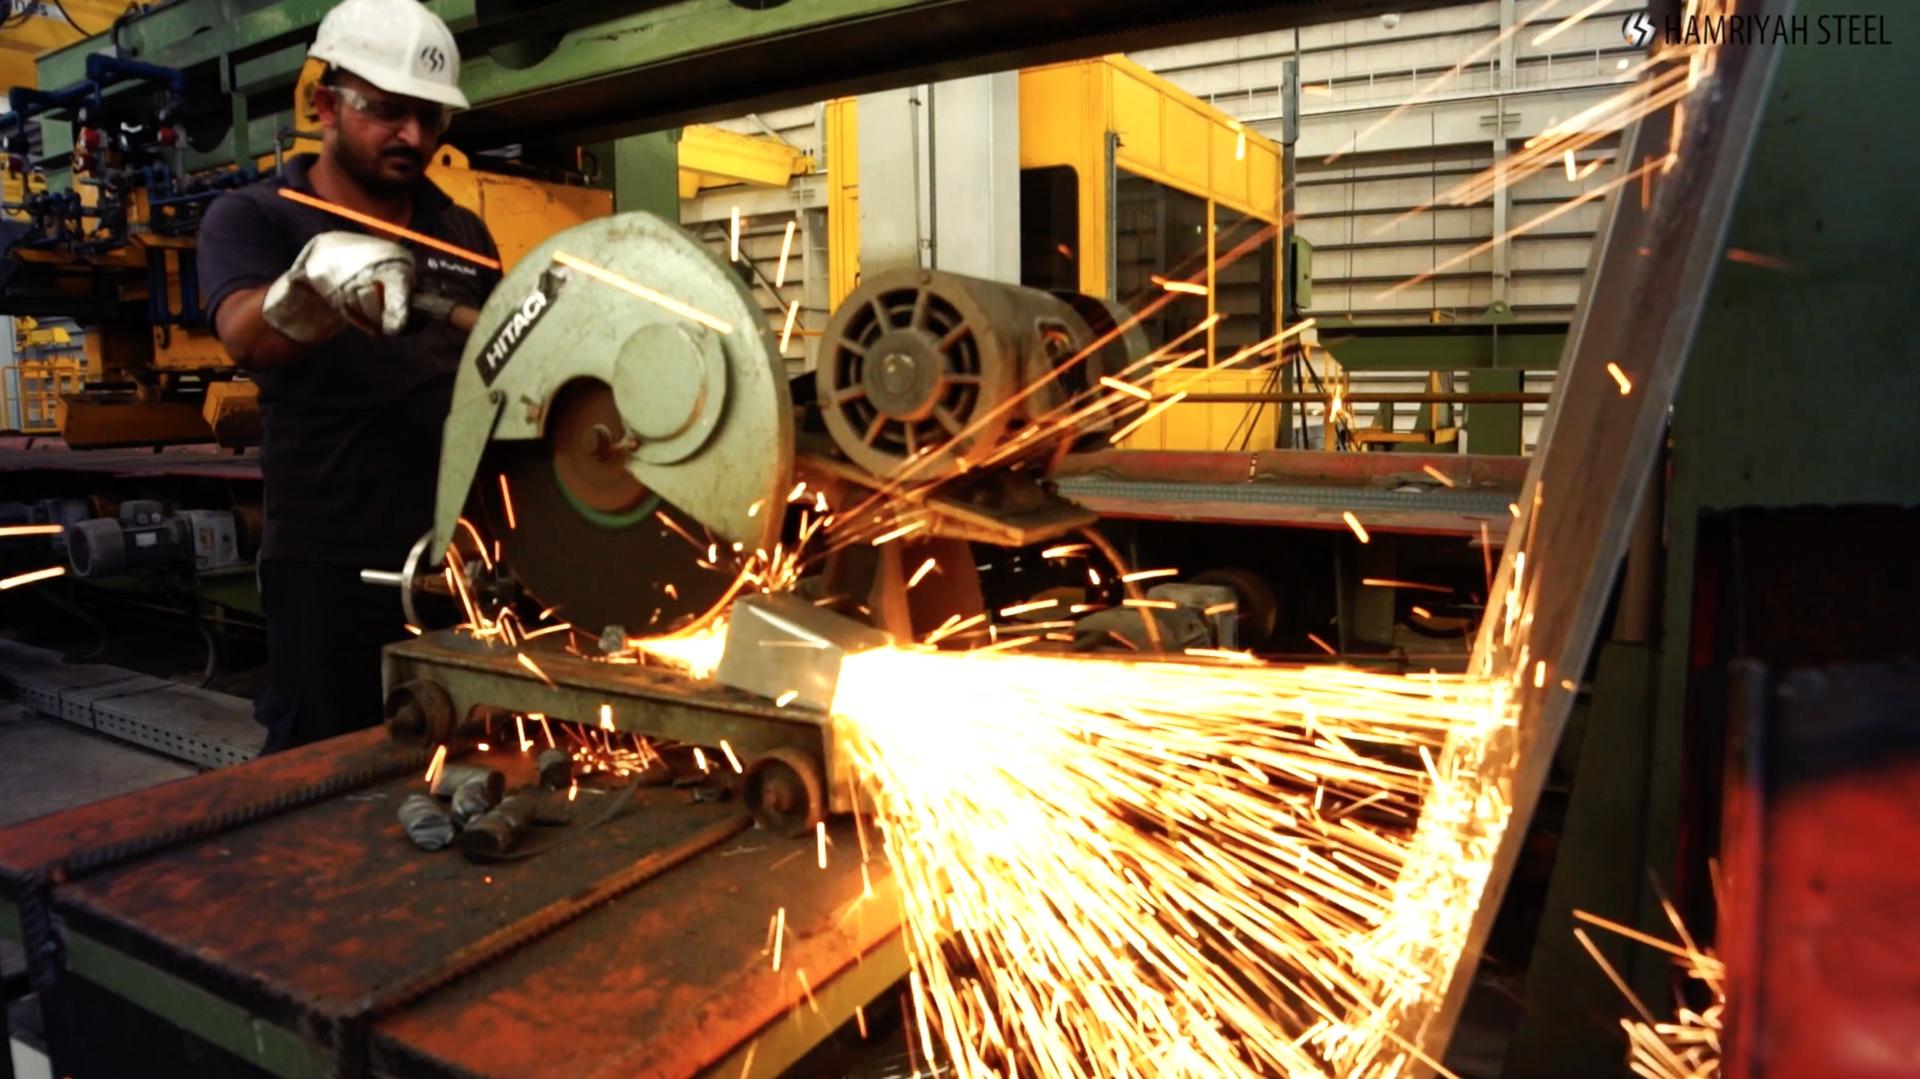 Hamriyah Steel